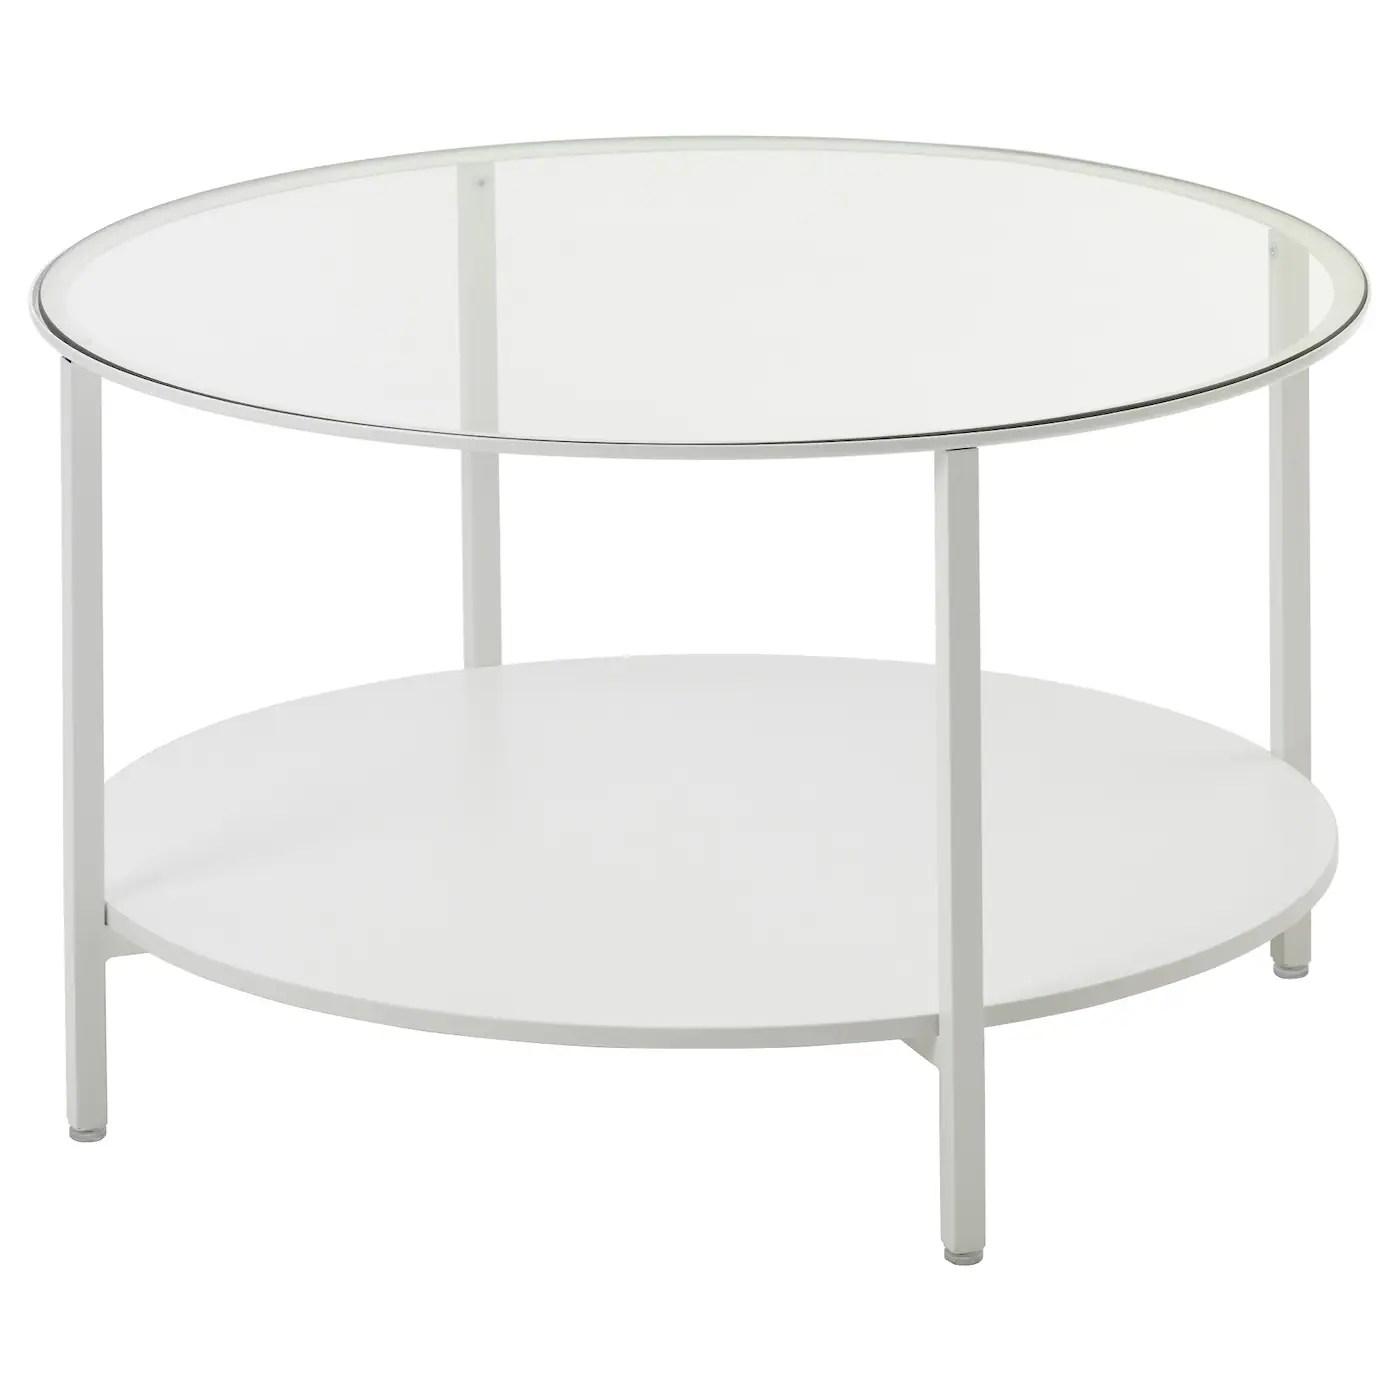 Vittsjo Table Basse Blanc Verre 75 Cm Ikea